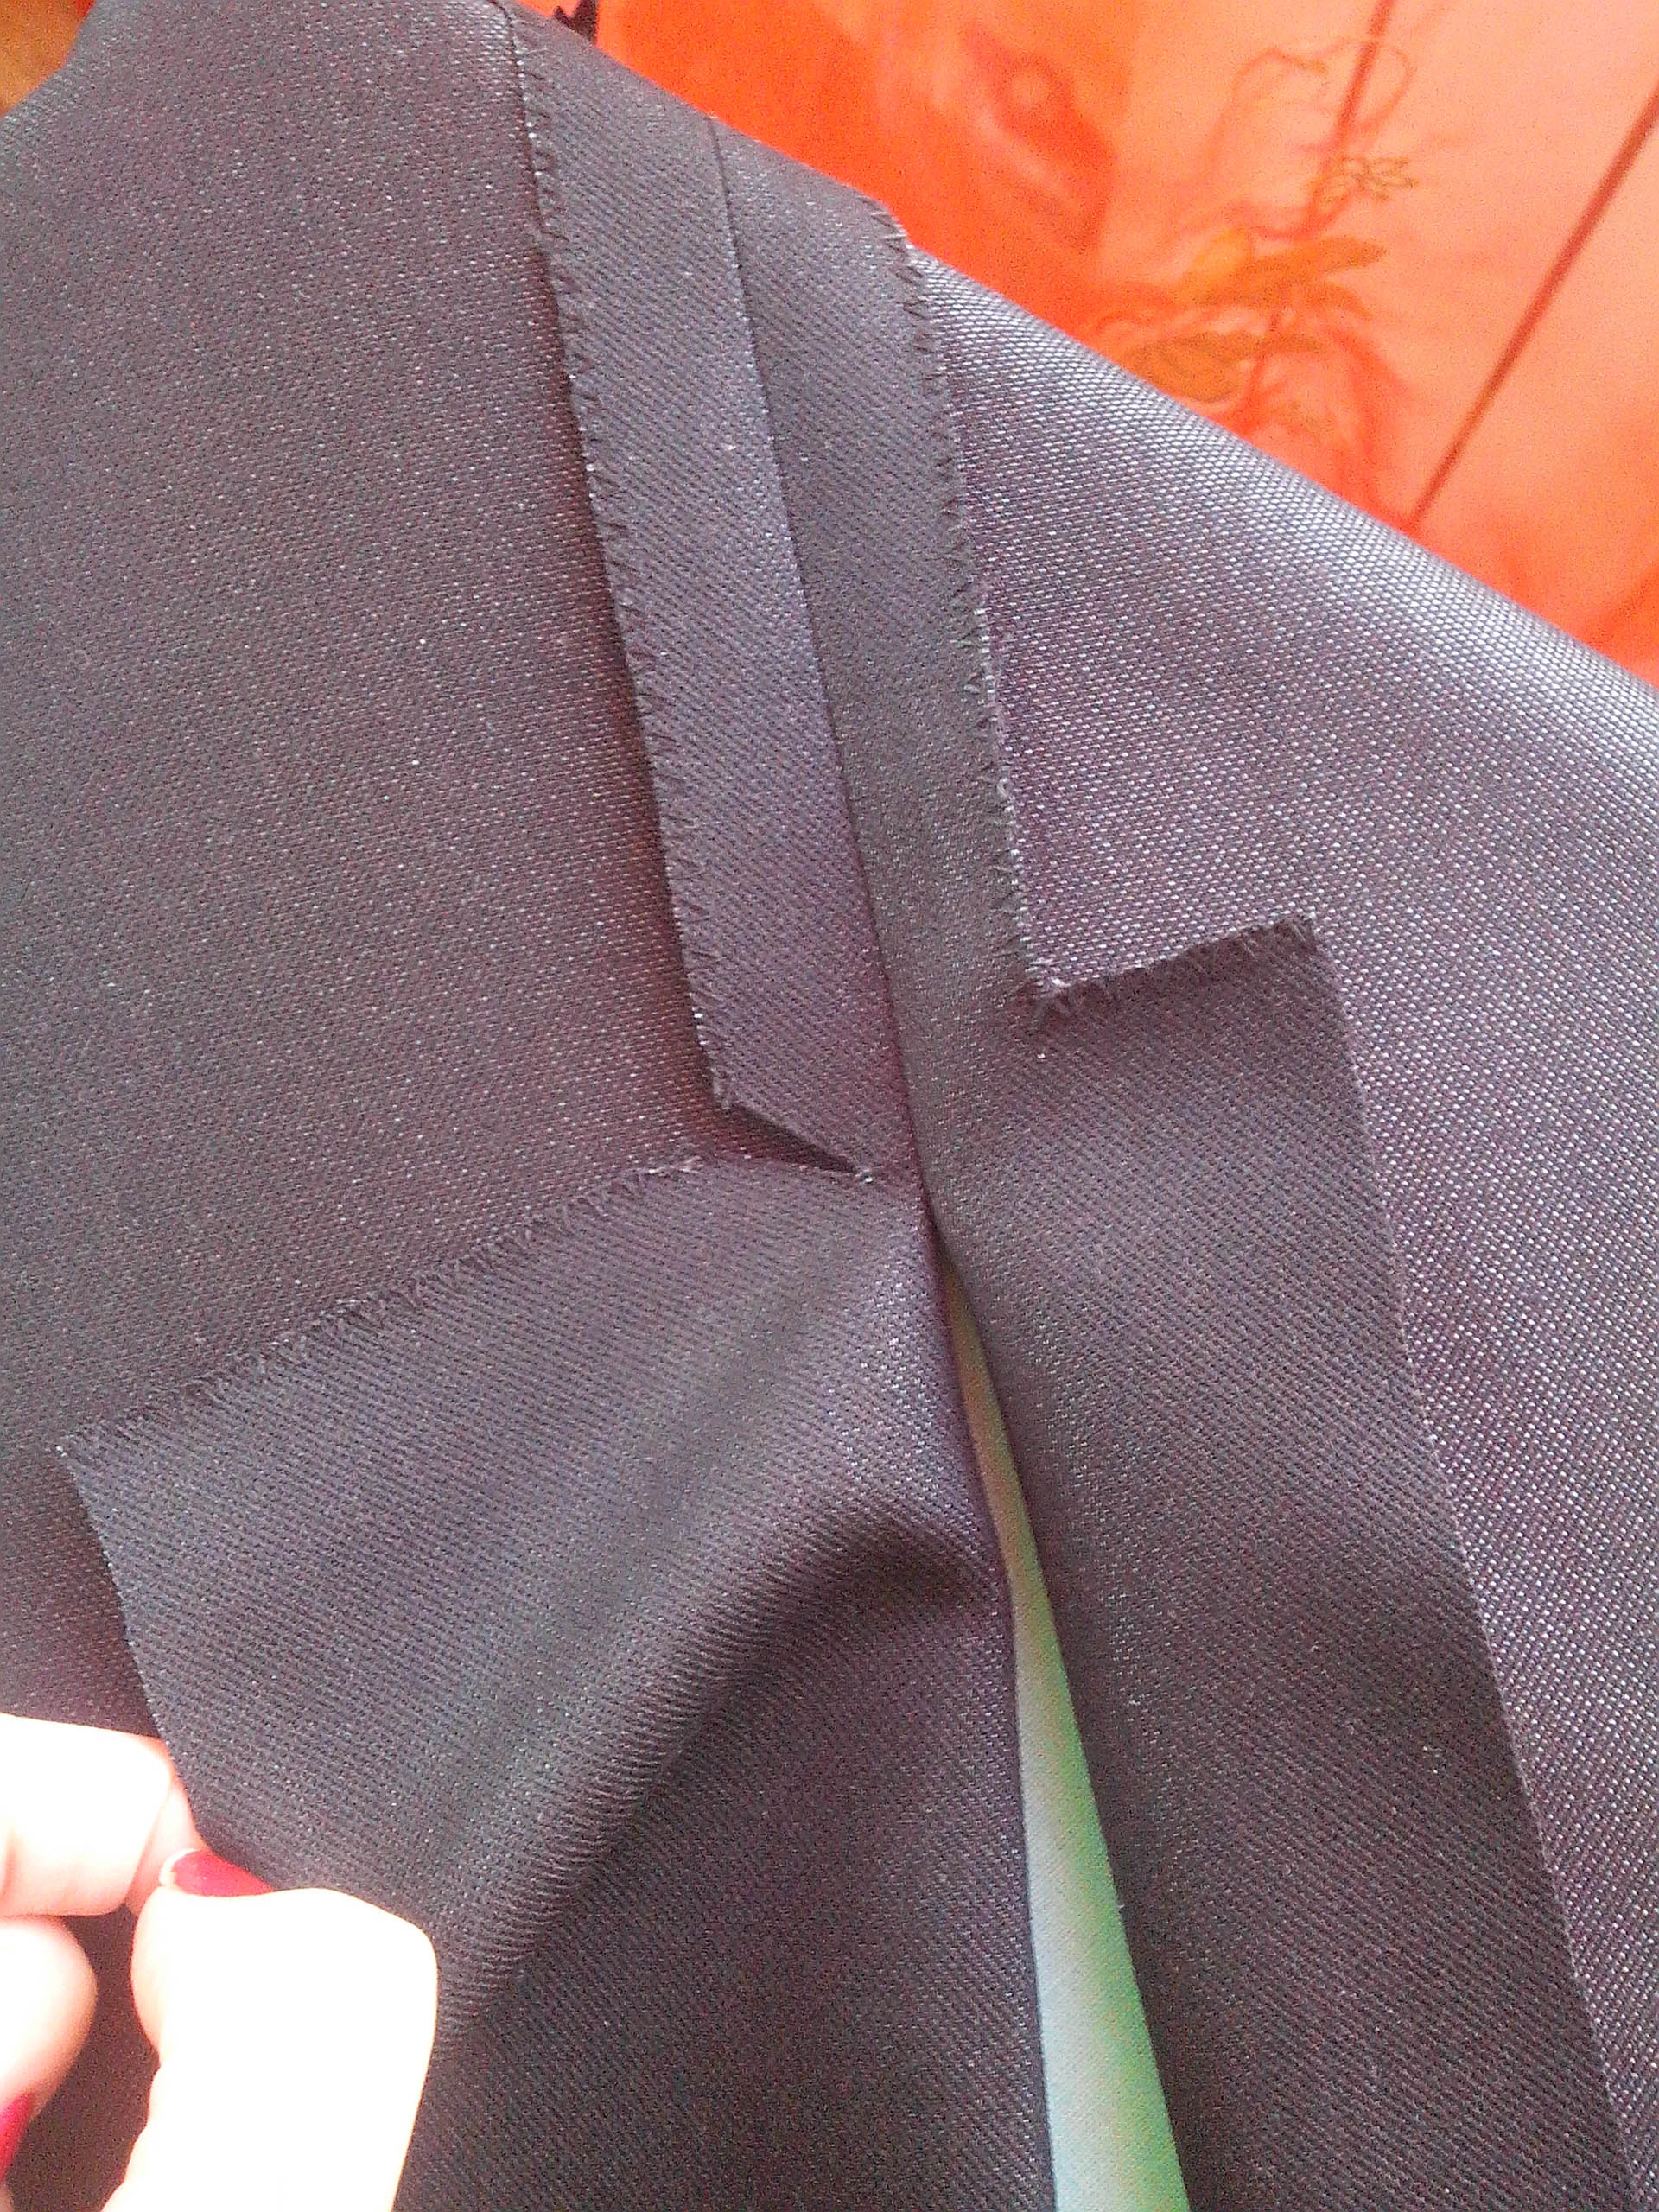 Как сделать шлицу на юбке мастер класс фото 100